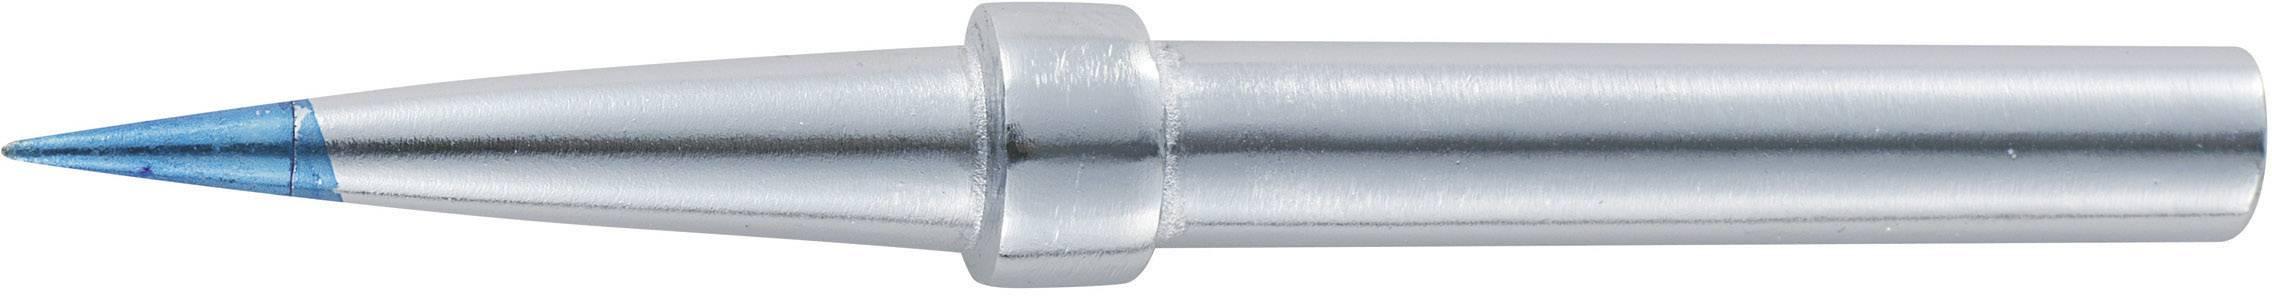 Spájkovací hrot ceruzková forma TOOLCRAFT KKT-5BB, velikost hrotu 5 mm, 1 ks